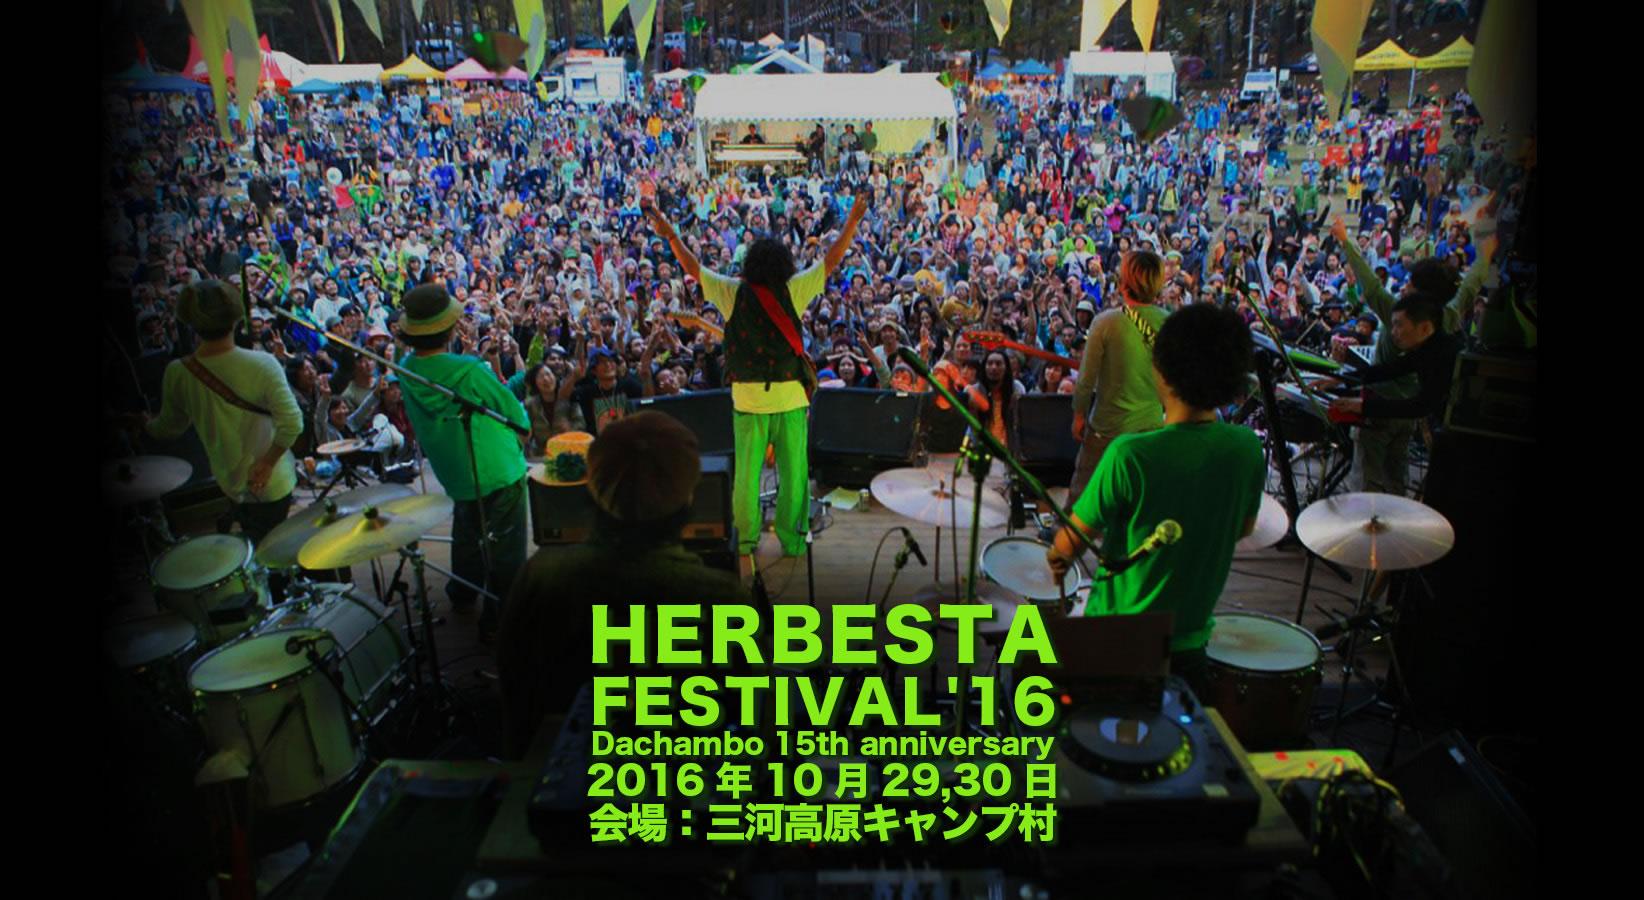 HERBESTA FESTIVAL 開催決定!